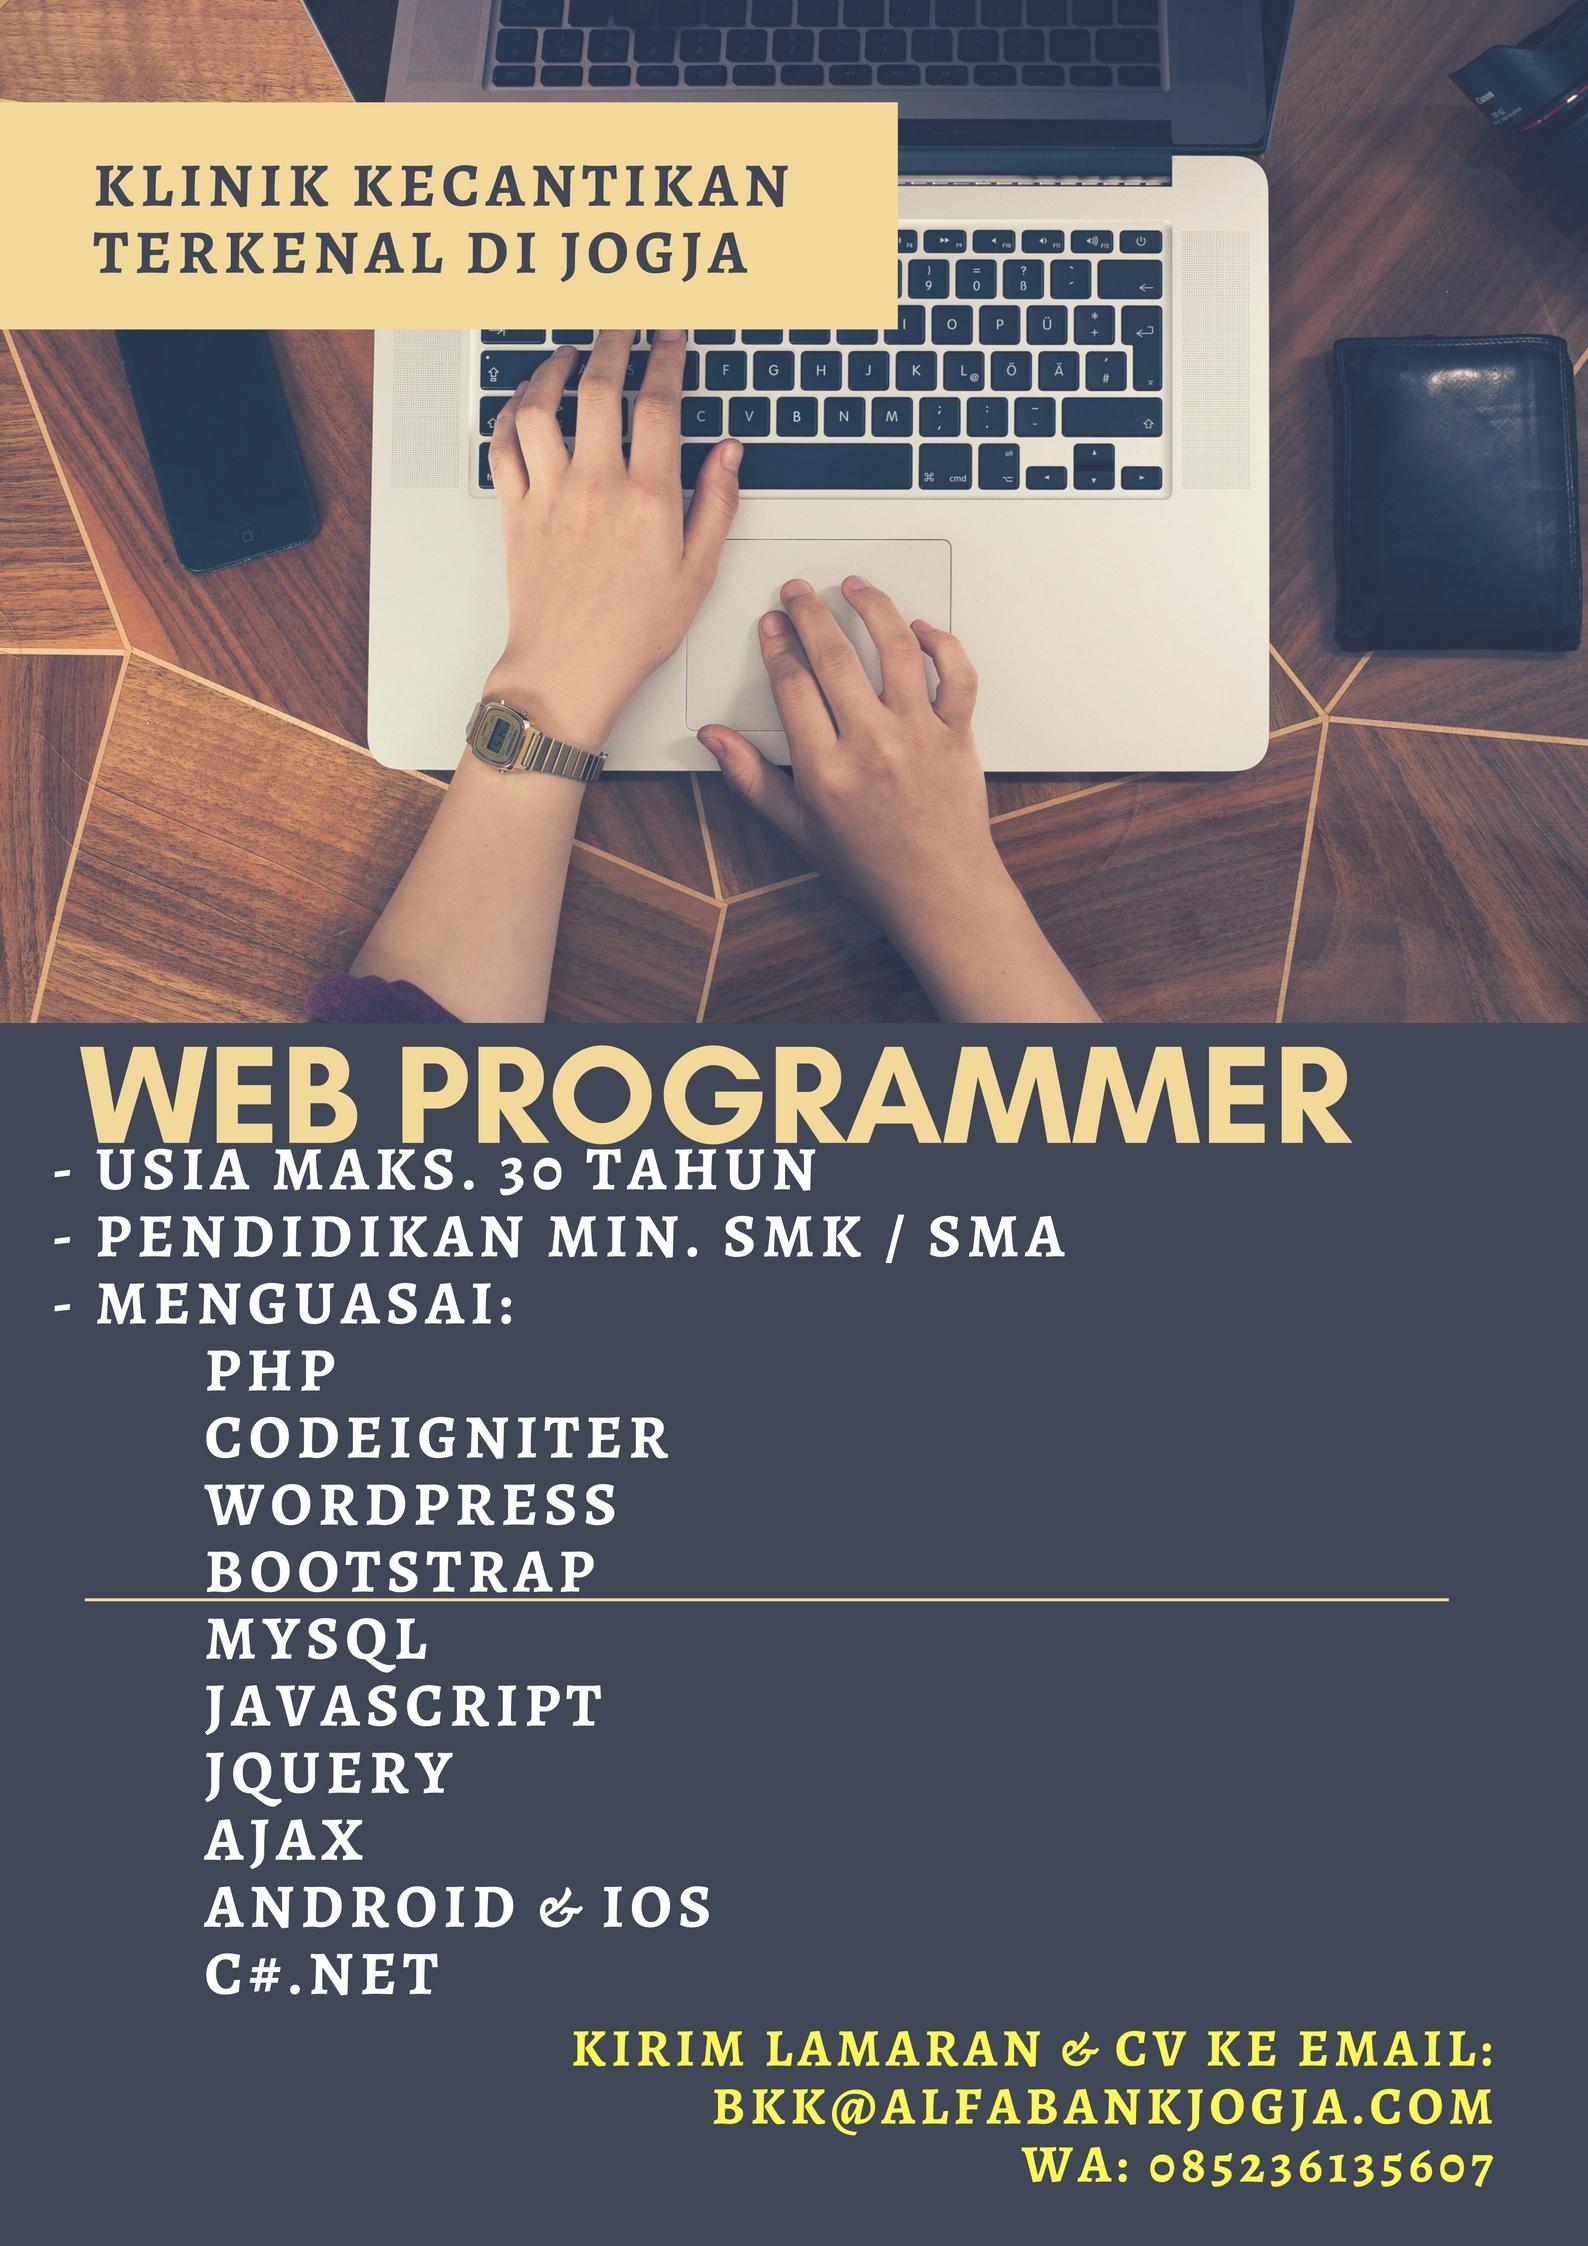 Lowongan Kerja Web Programmer Klinik Kecantikan Terkenal di Yogyakarta